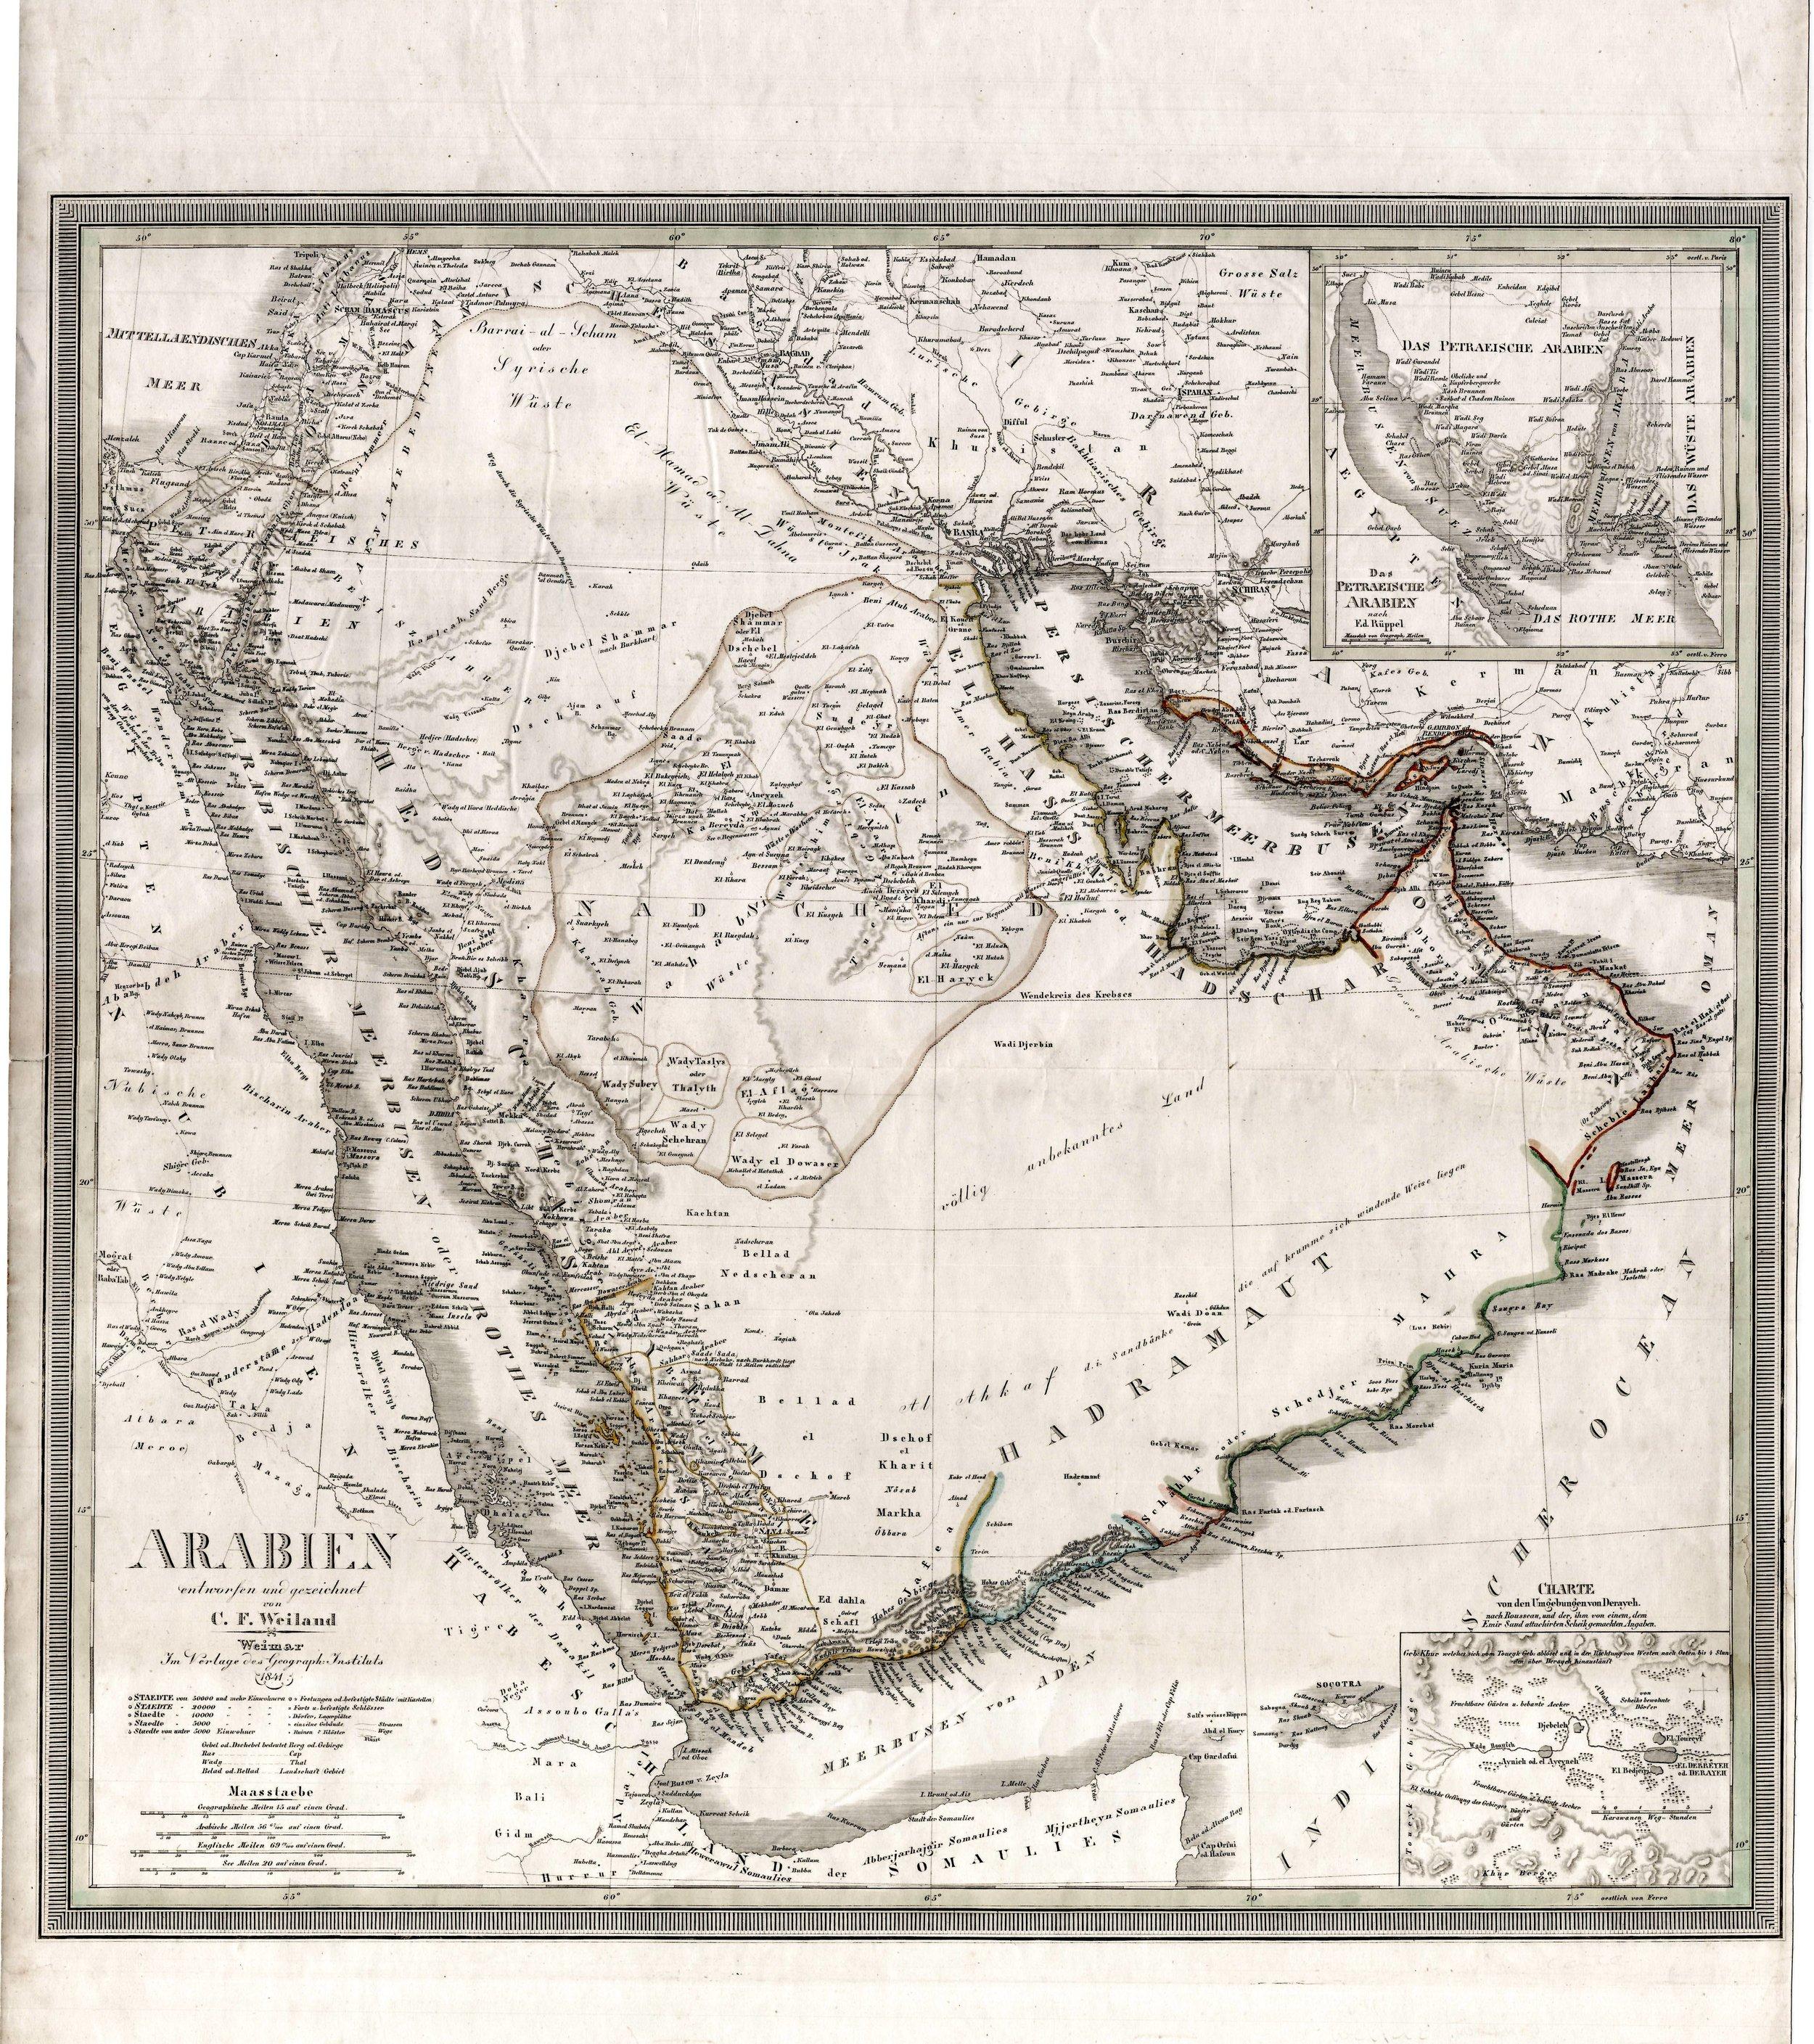 1847 - Weiland